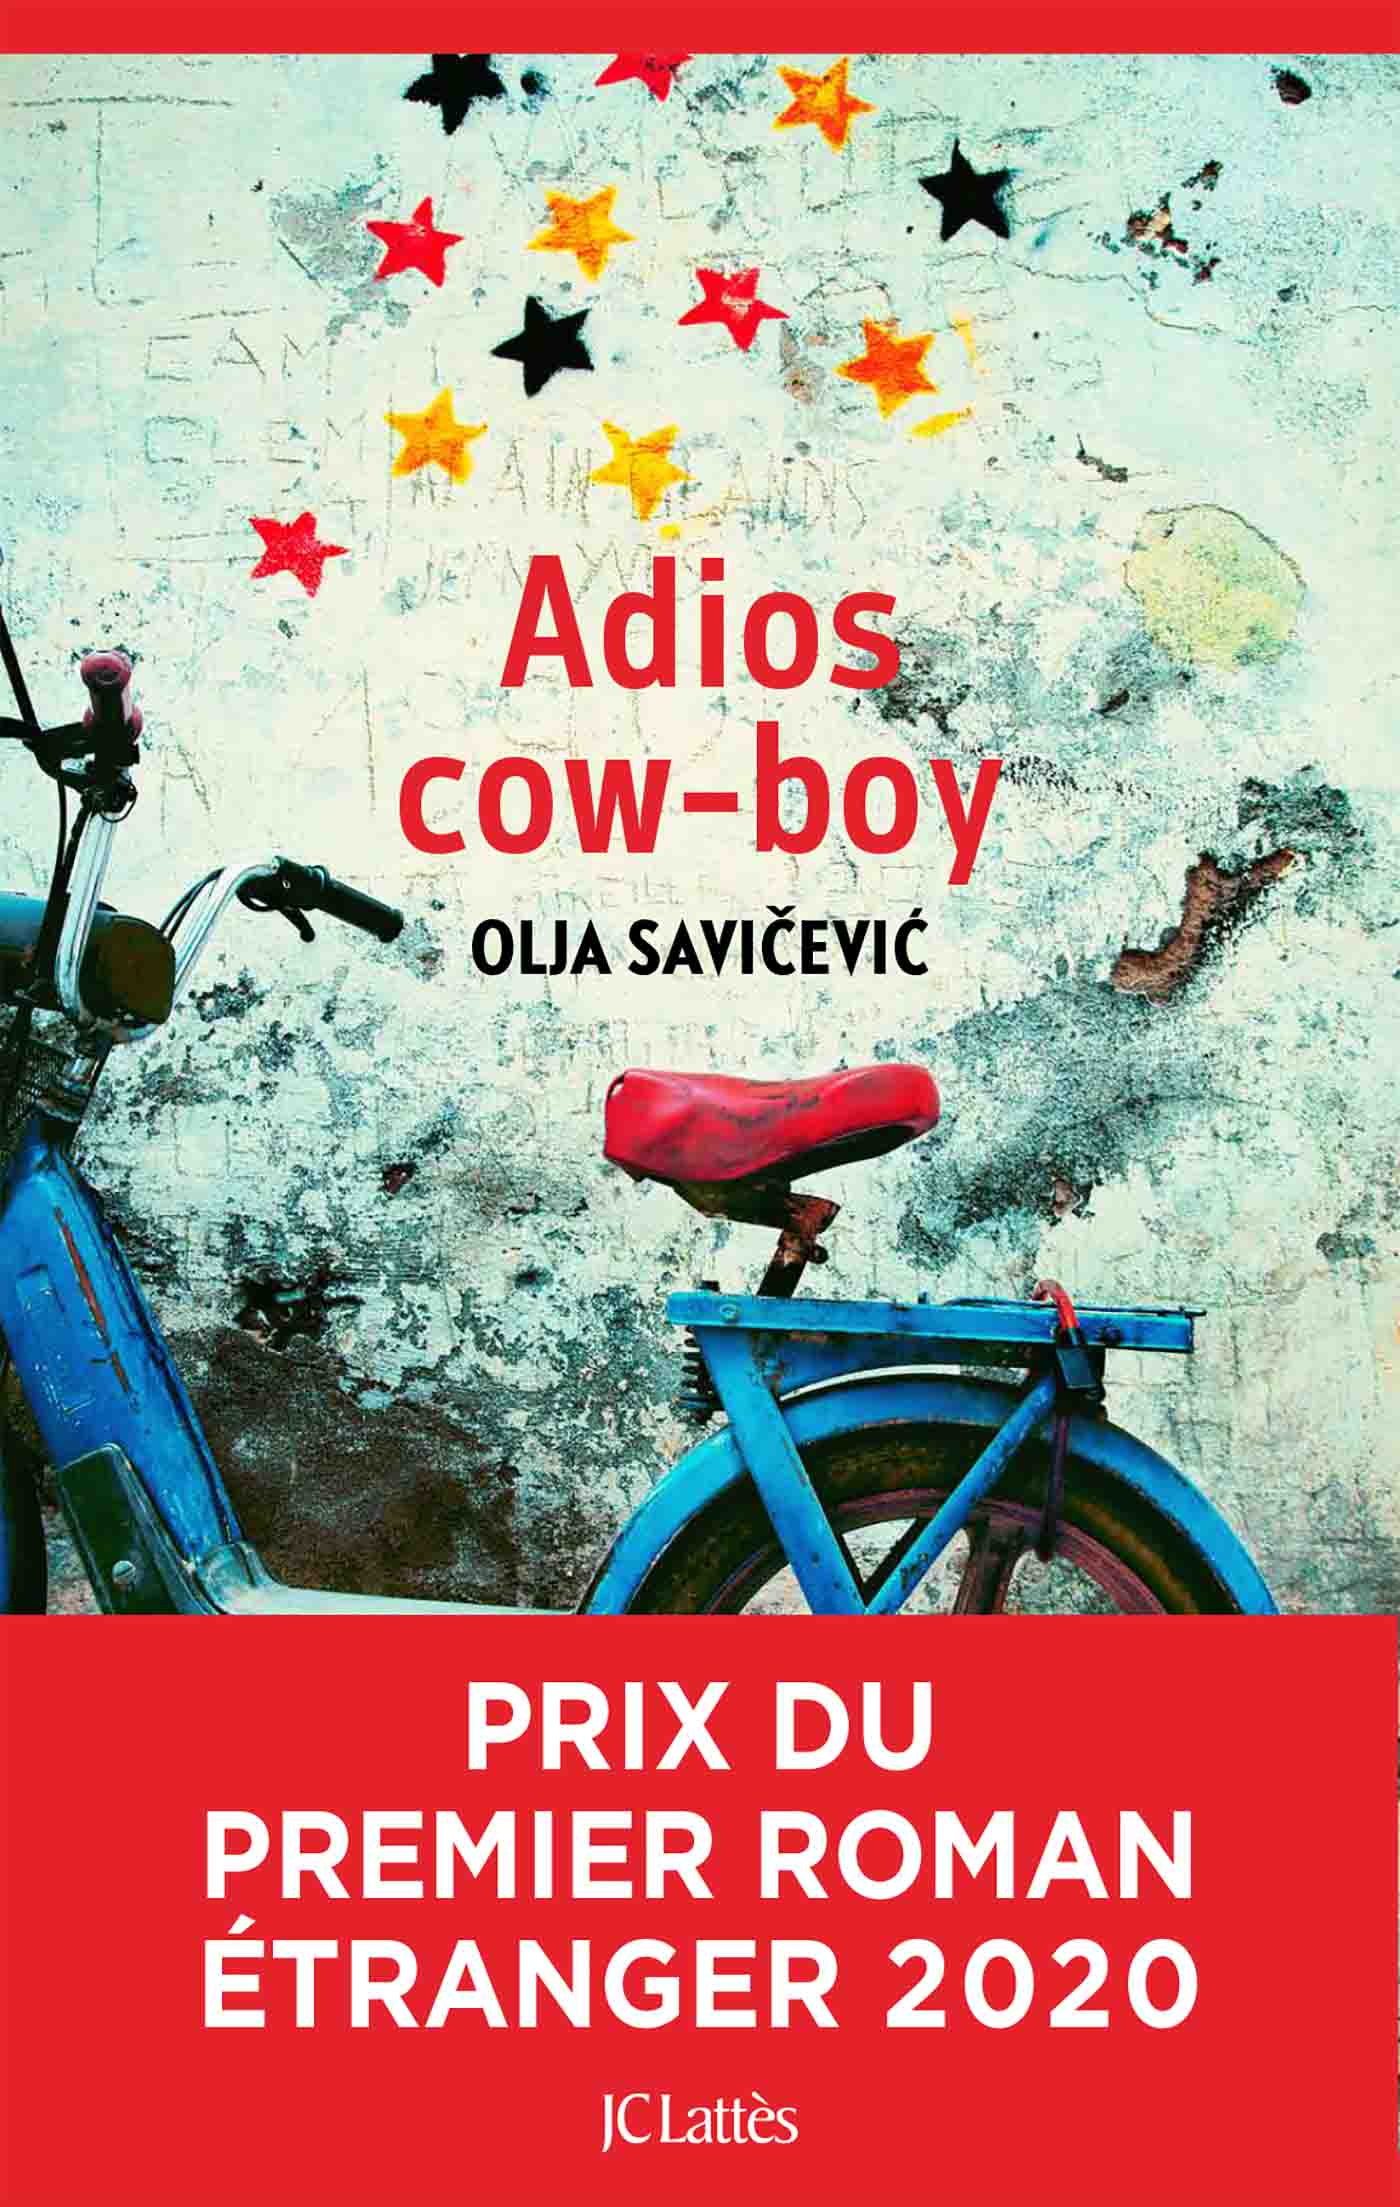 Adios Cow-boy |